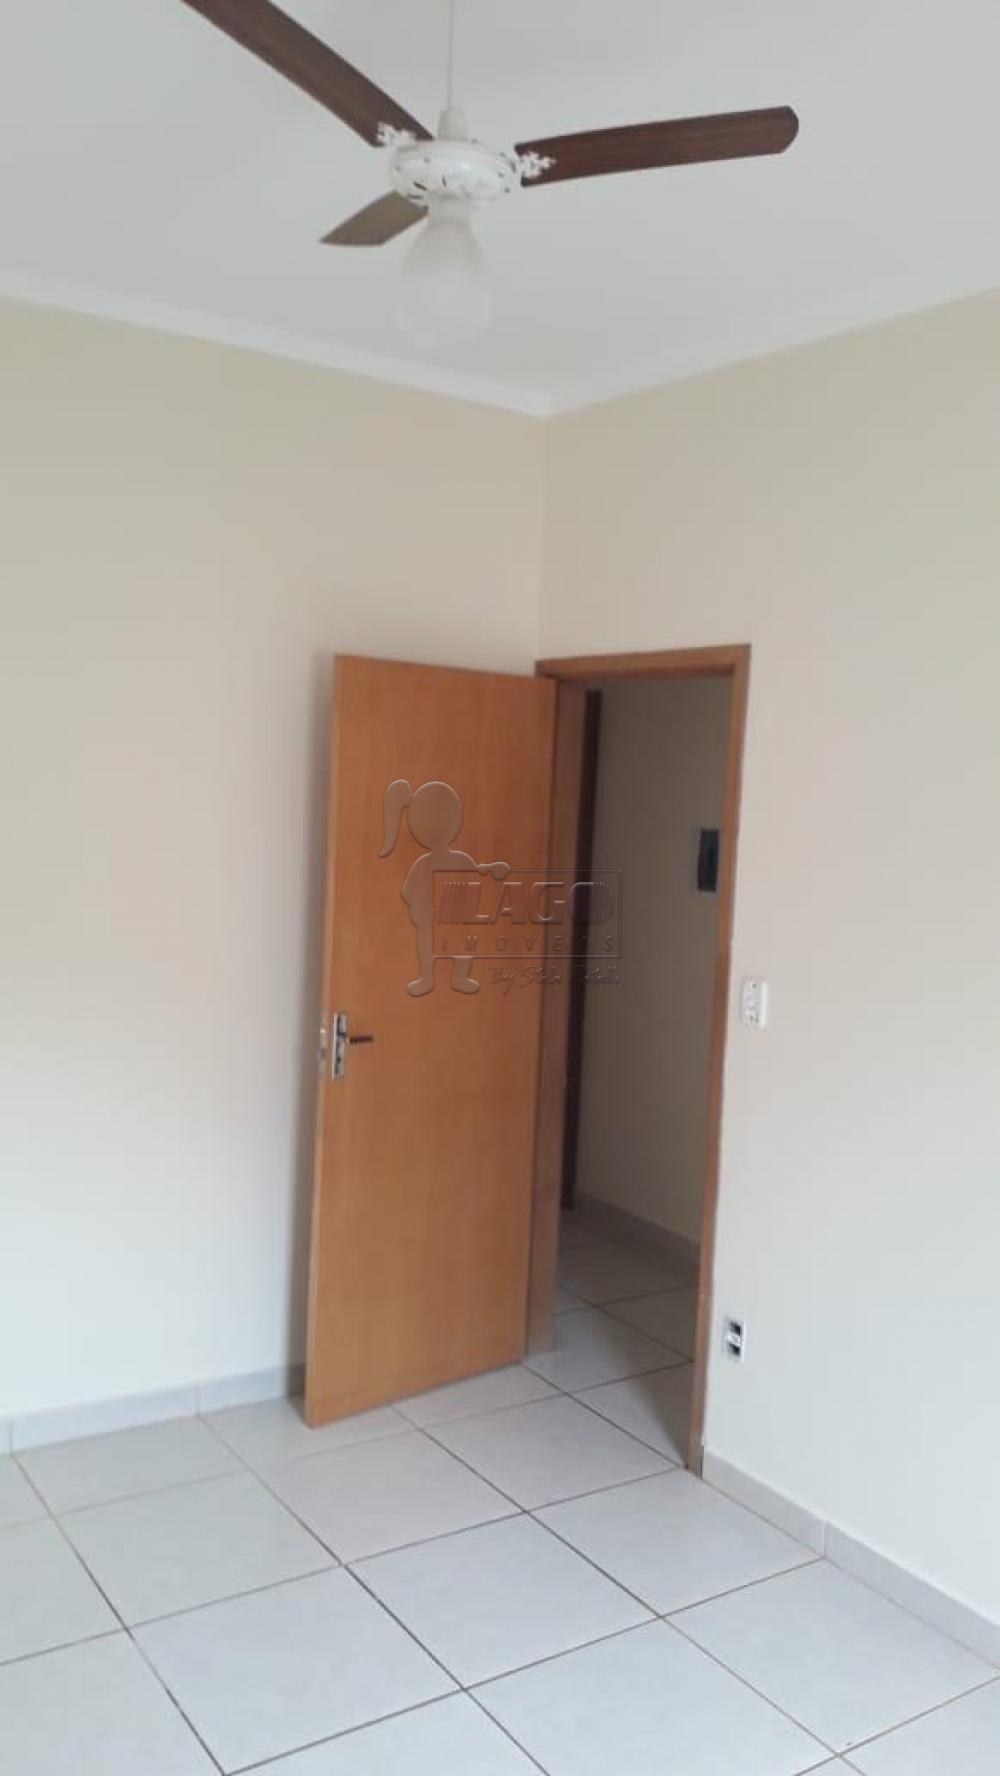 Comprar Casas / Padrão em Ribeirão Preto apenas R$ 180.000,00 - Foto 20